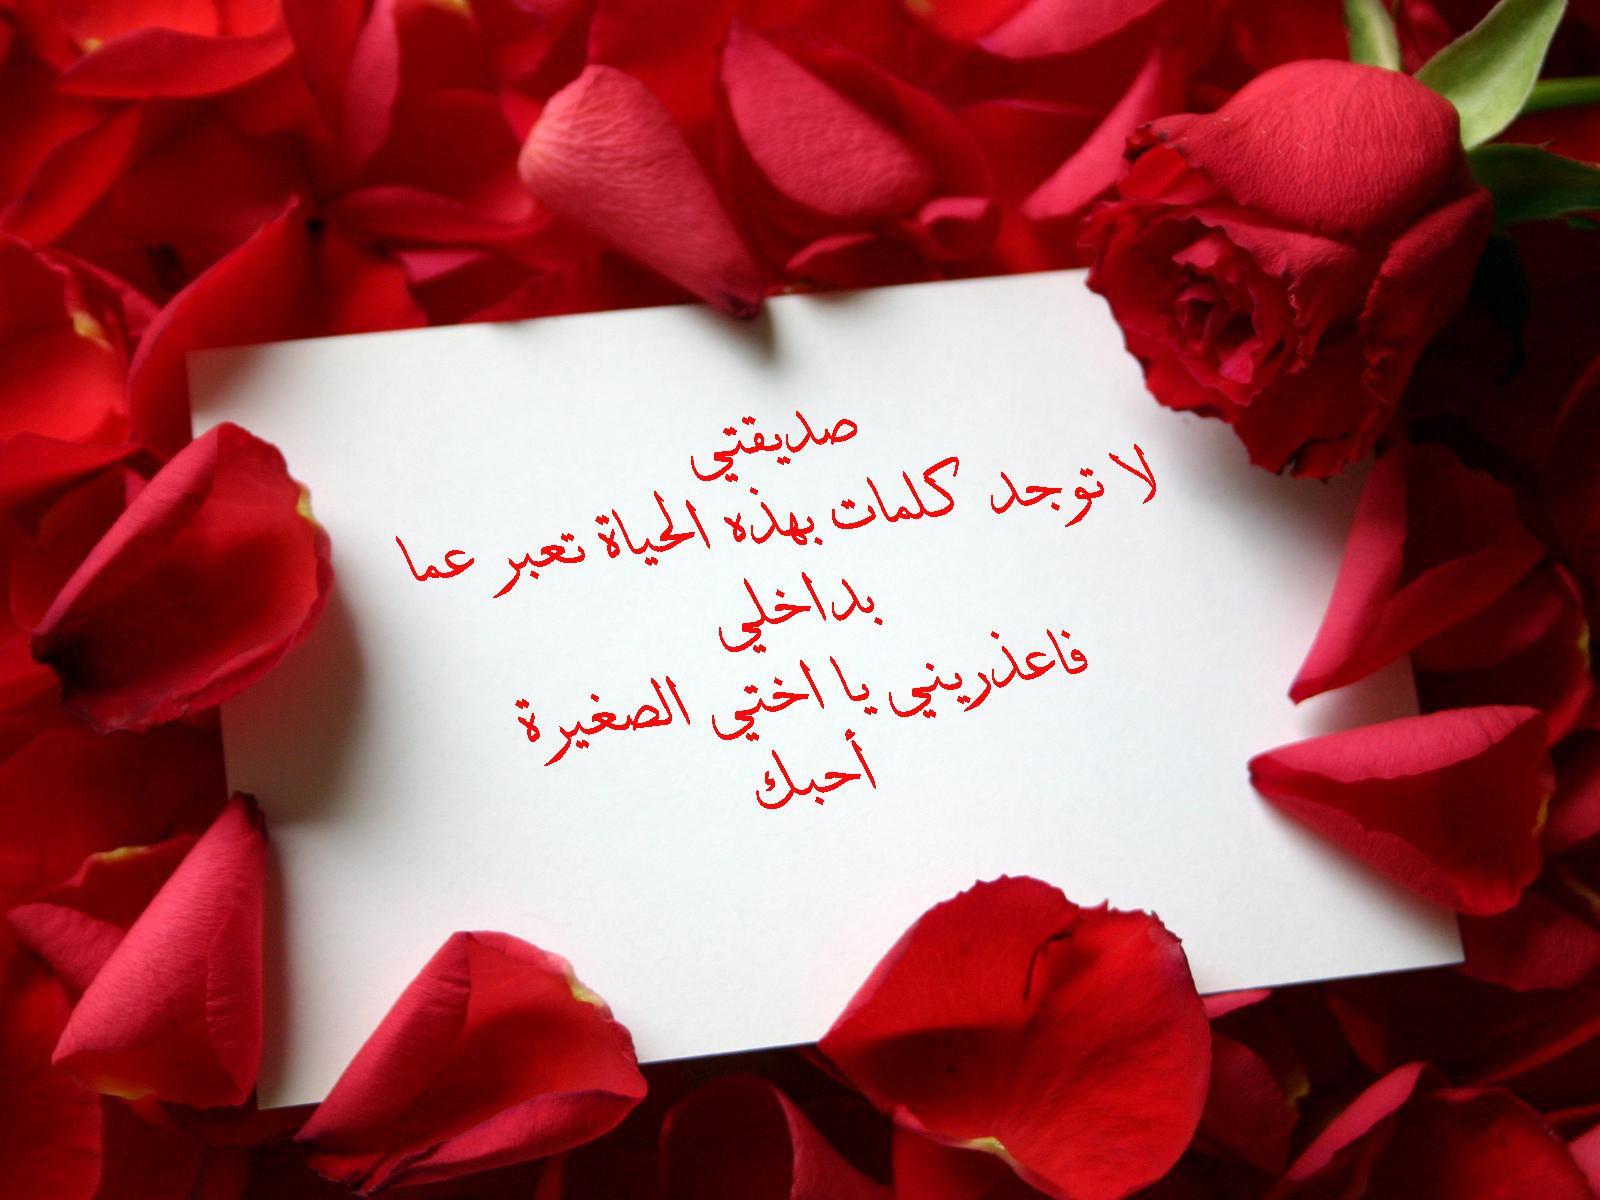 بالصور اجمل ماقيل في الصداقه , صور اجمل الكلامات عن الصداقه 4055 8